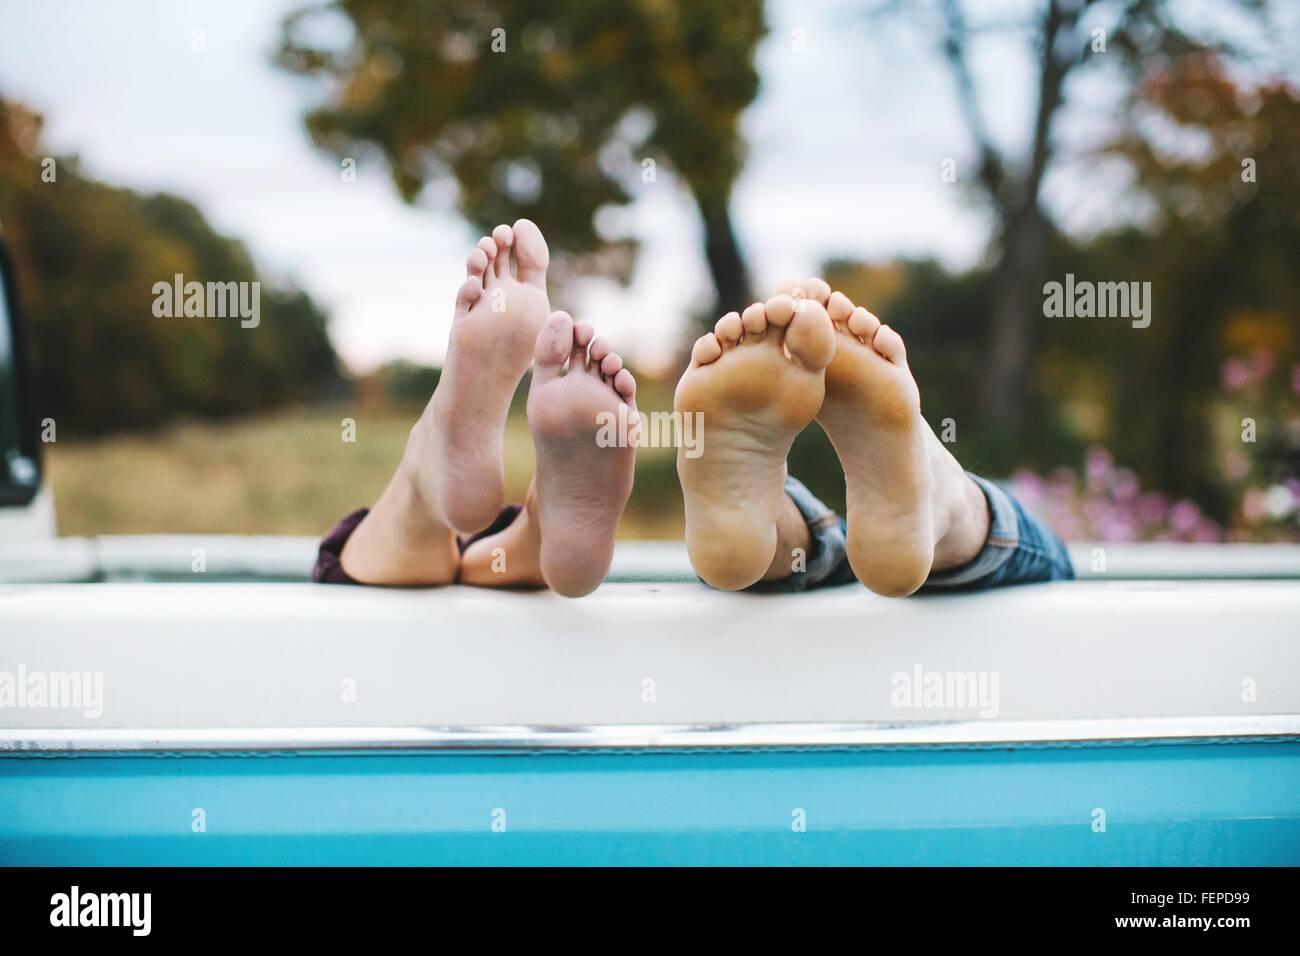 Coppia giovane giacente nel retro del carrello, i piedi nudi sul bordo del carrello, concentrarsi su piedi Immagini Stock